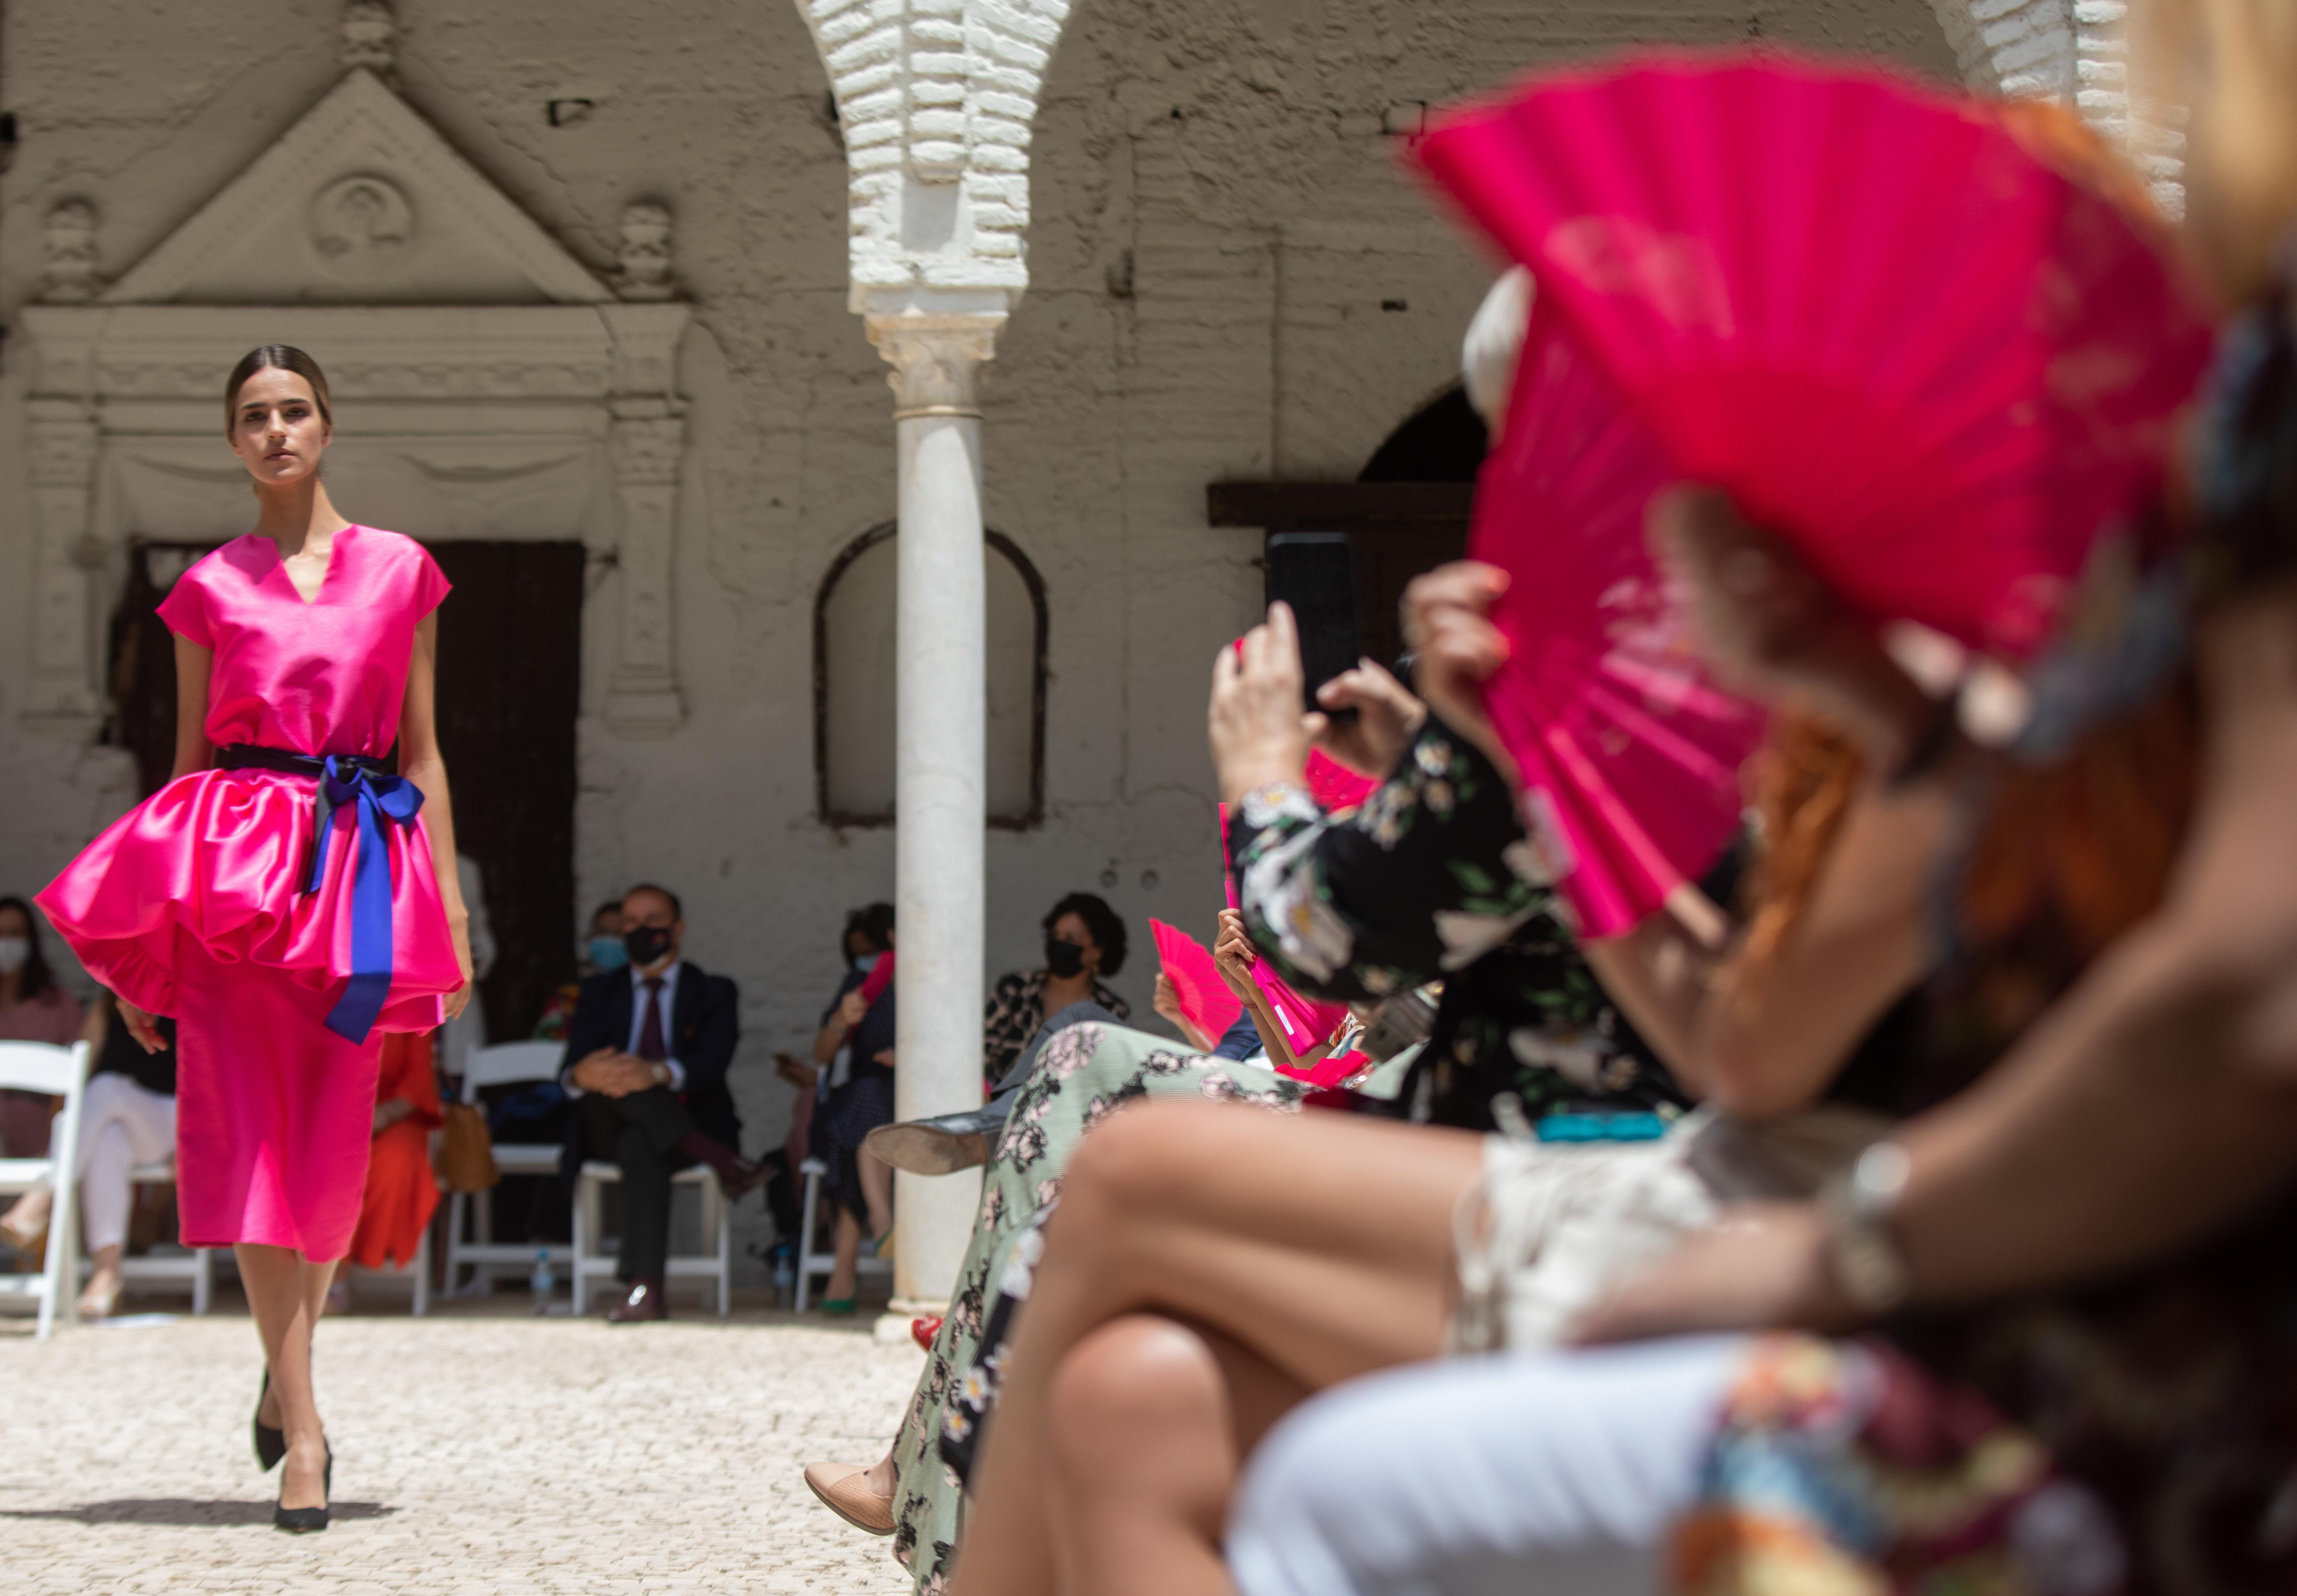 Pase de moda que las emprendedoras sevillanas de Sevilla Moda han organizado a 01 de junio del 2021 en el antiguo convento de Santa María de los Reyes, en Sevilla